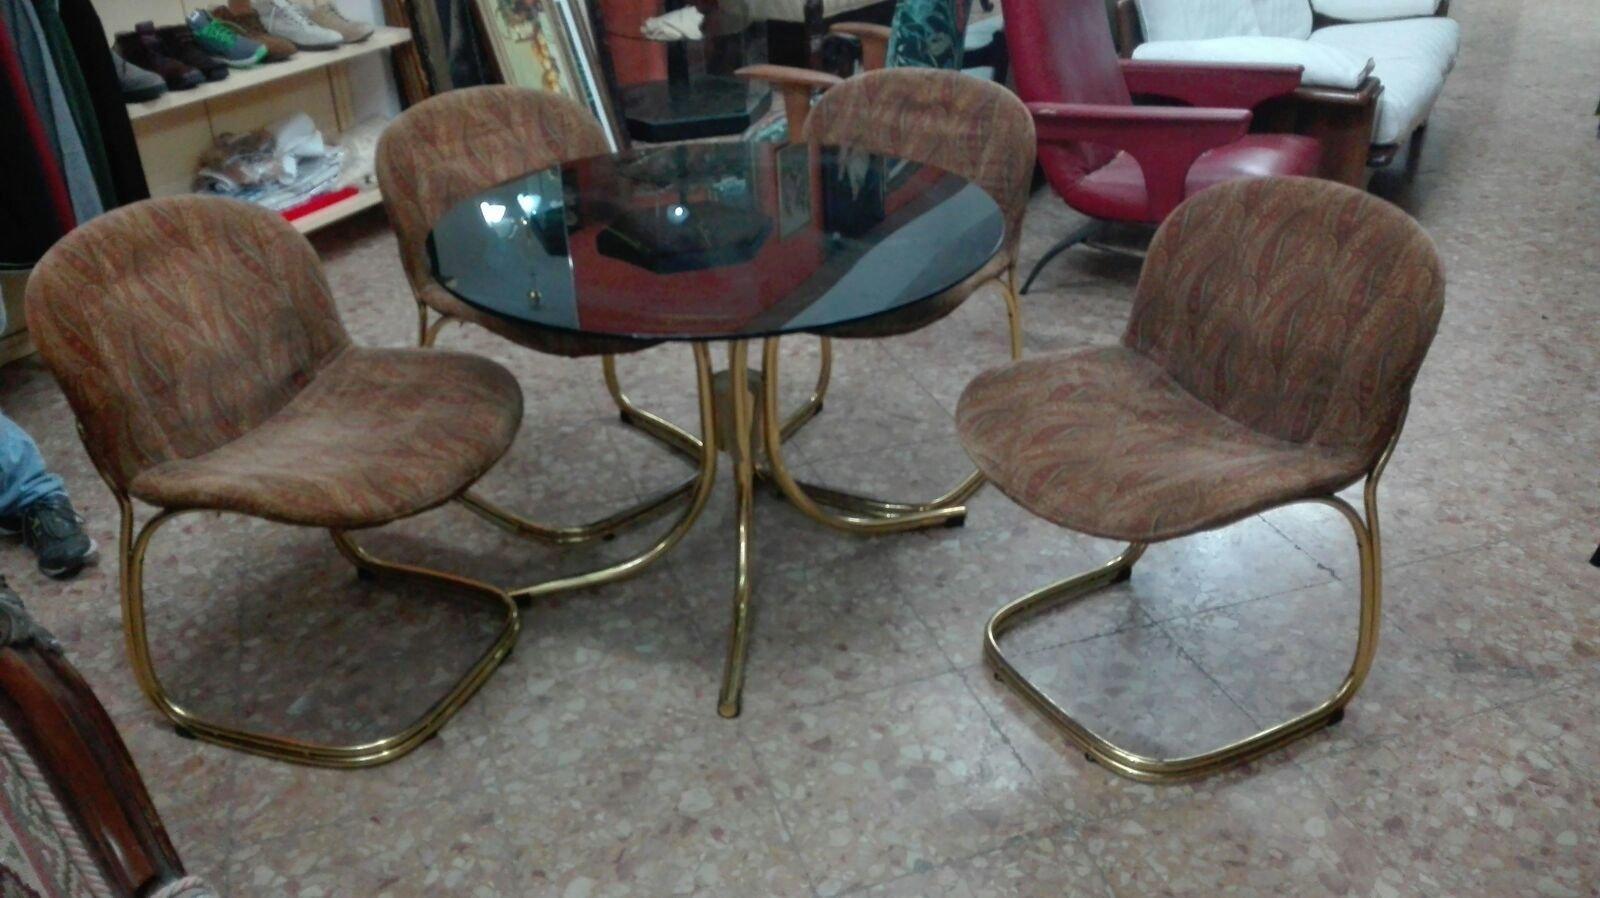 Tavolo e sedie di gastone rinaldi per rima anni 70 in vendita su